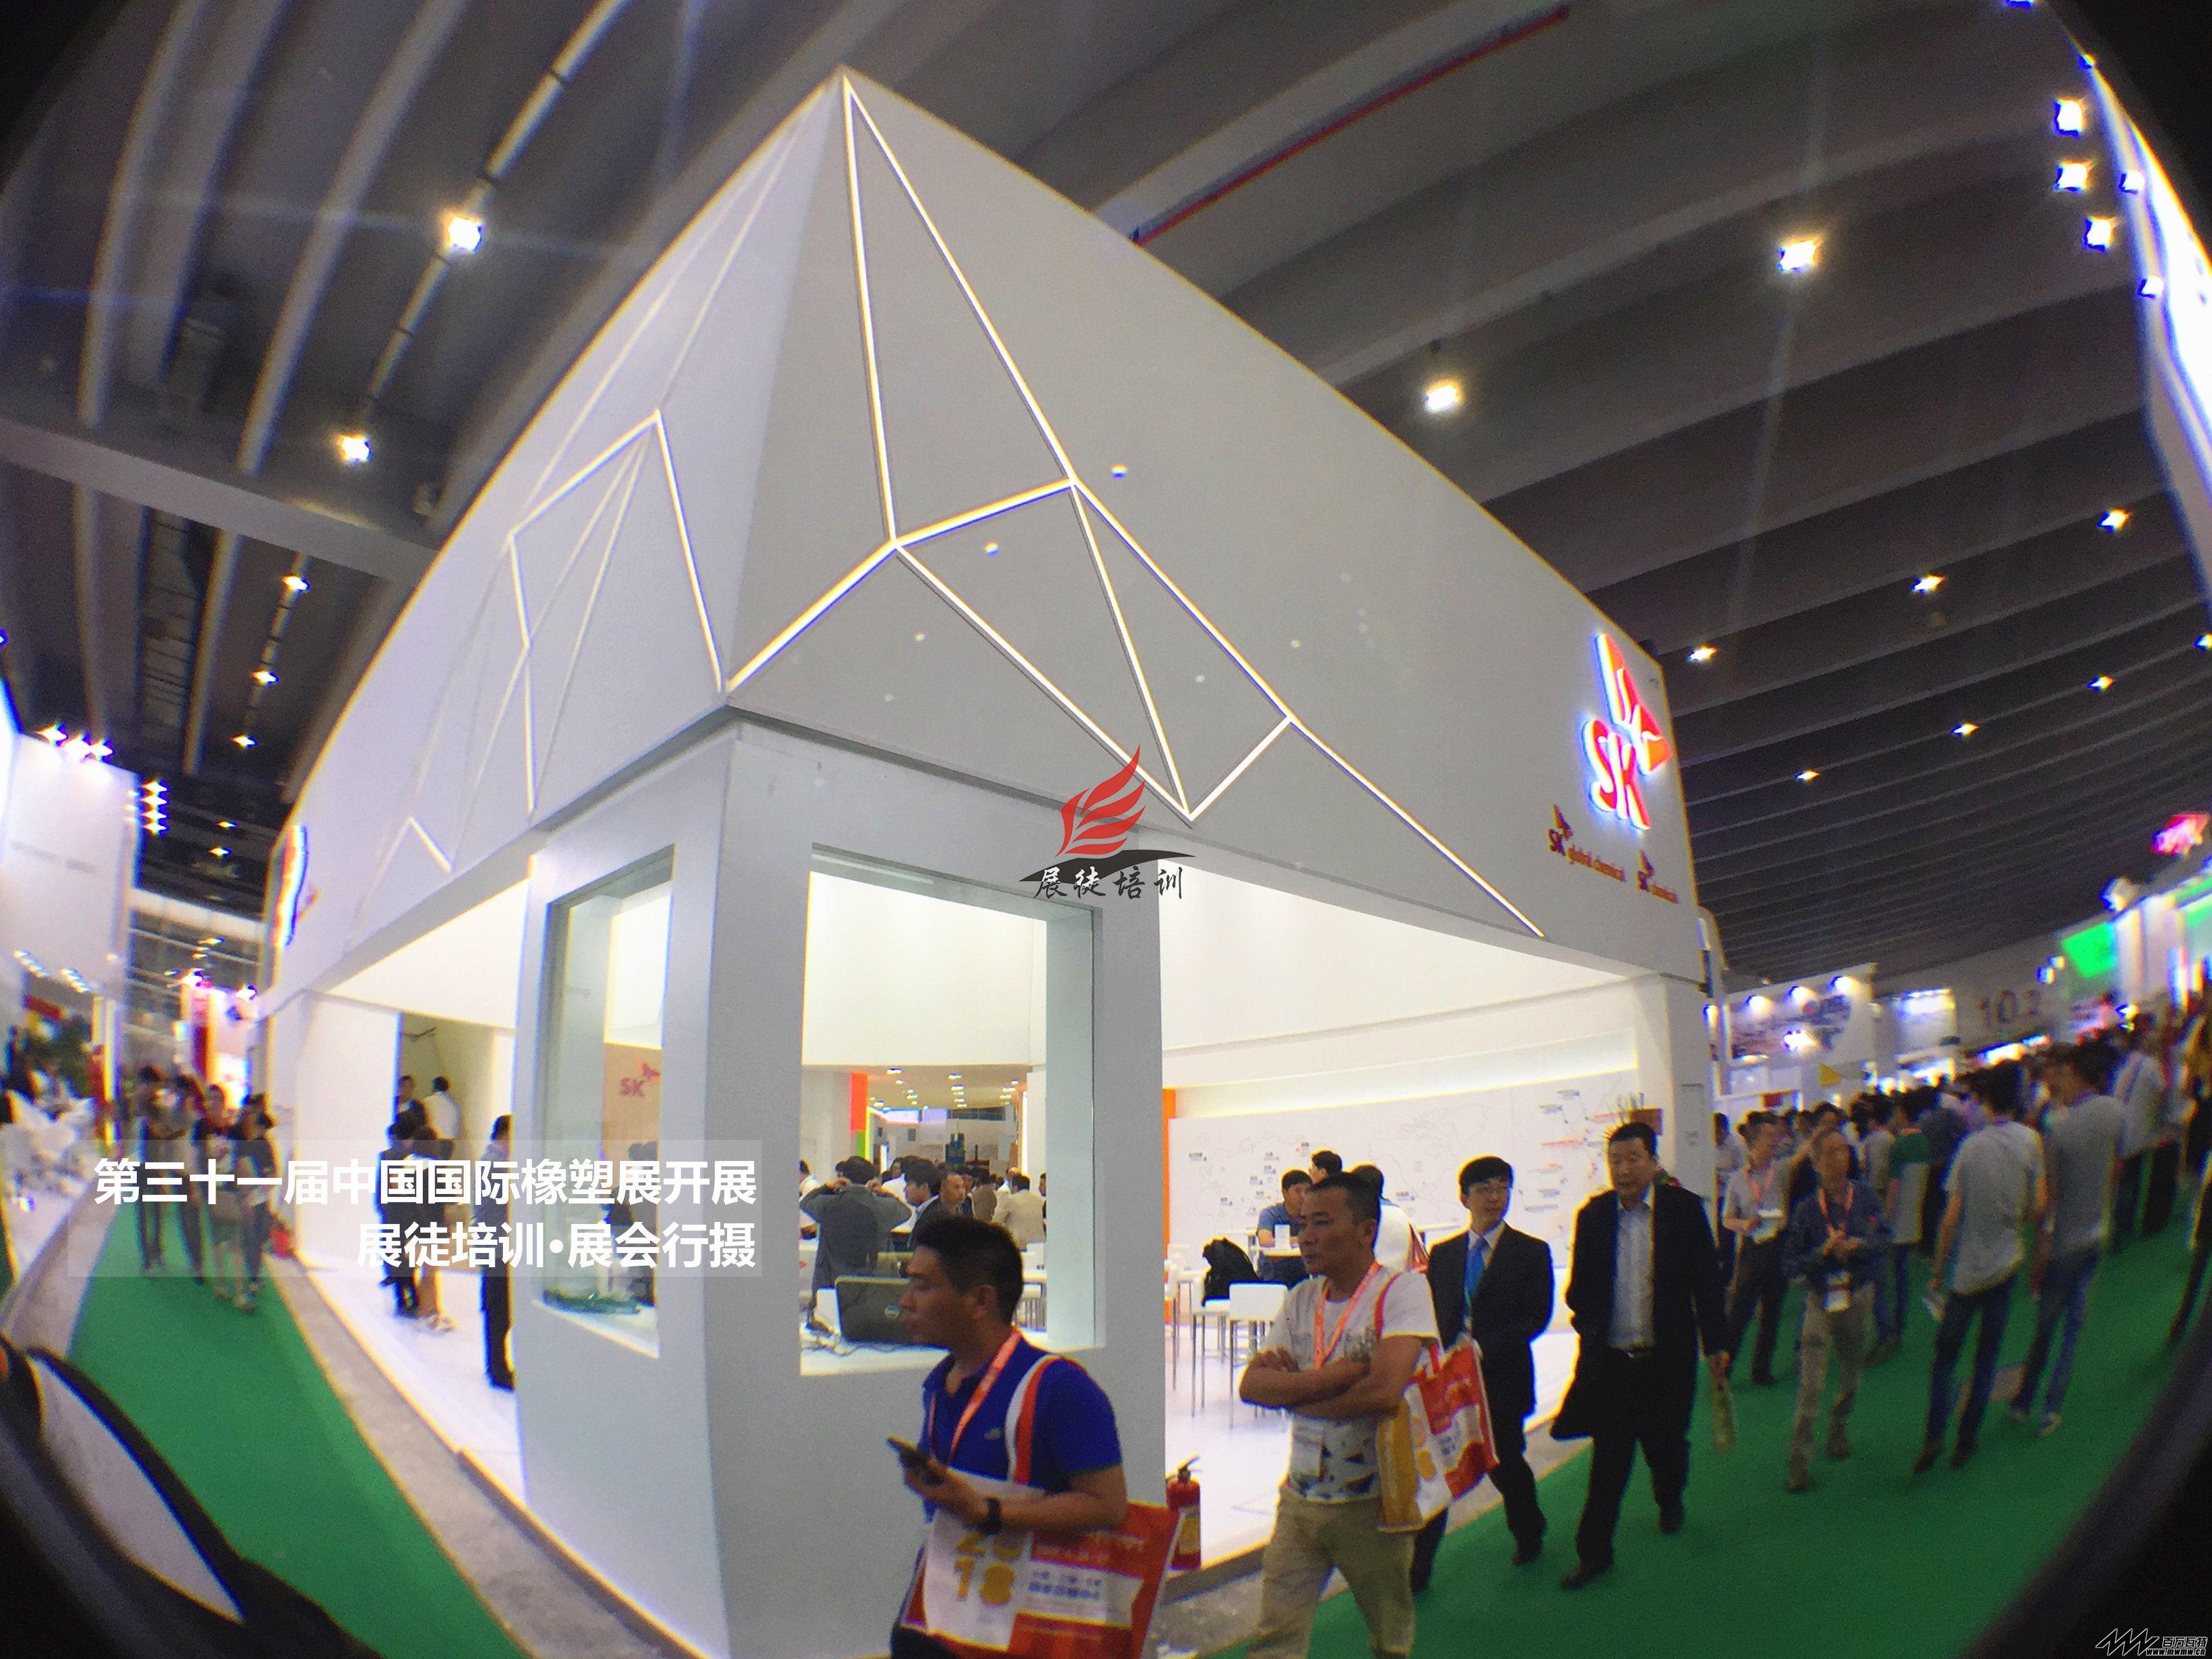 2017第三十一届中国国际橡塑展·展徒培训·展会行摄 (56) - 副本.JPG